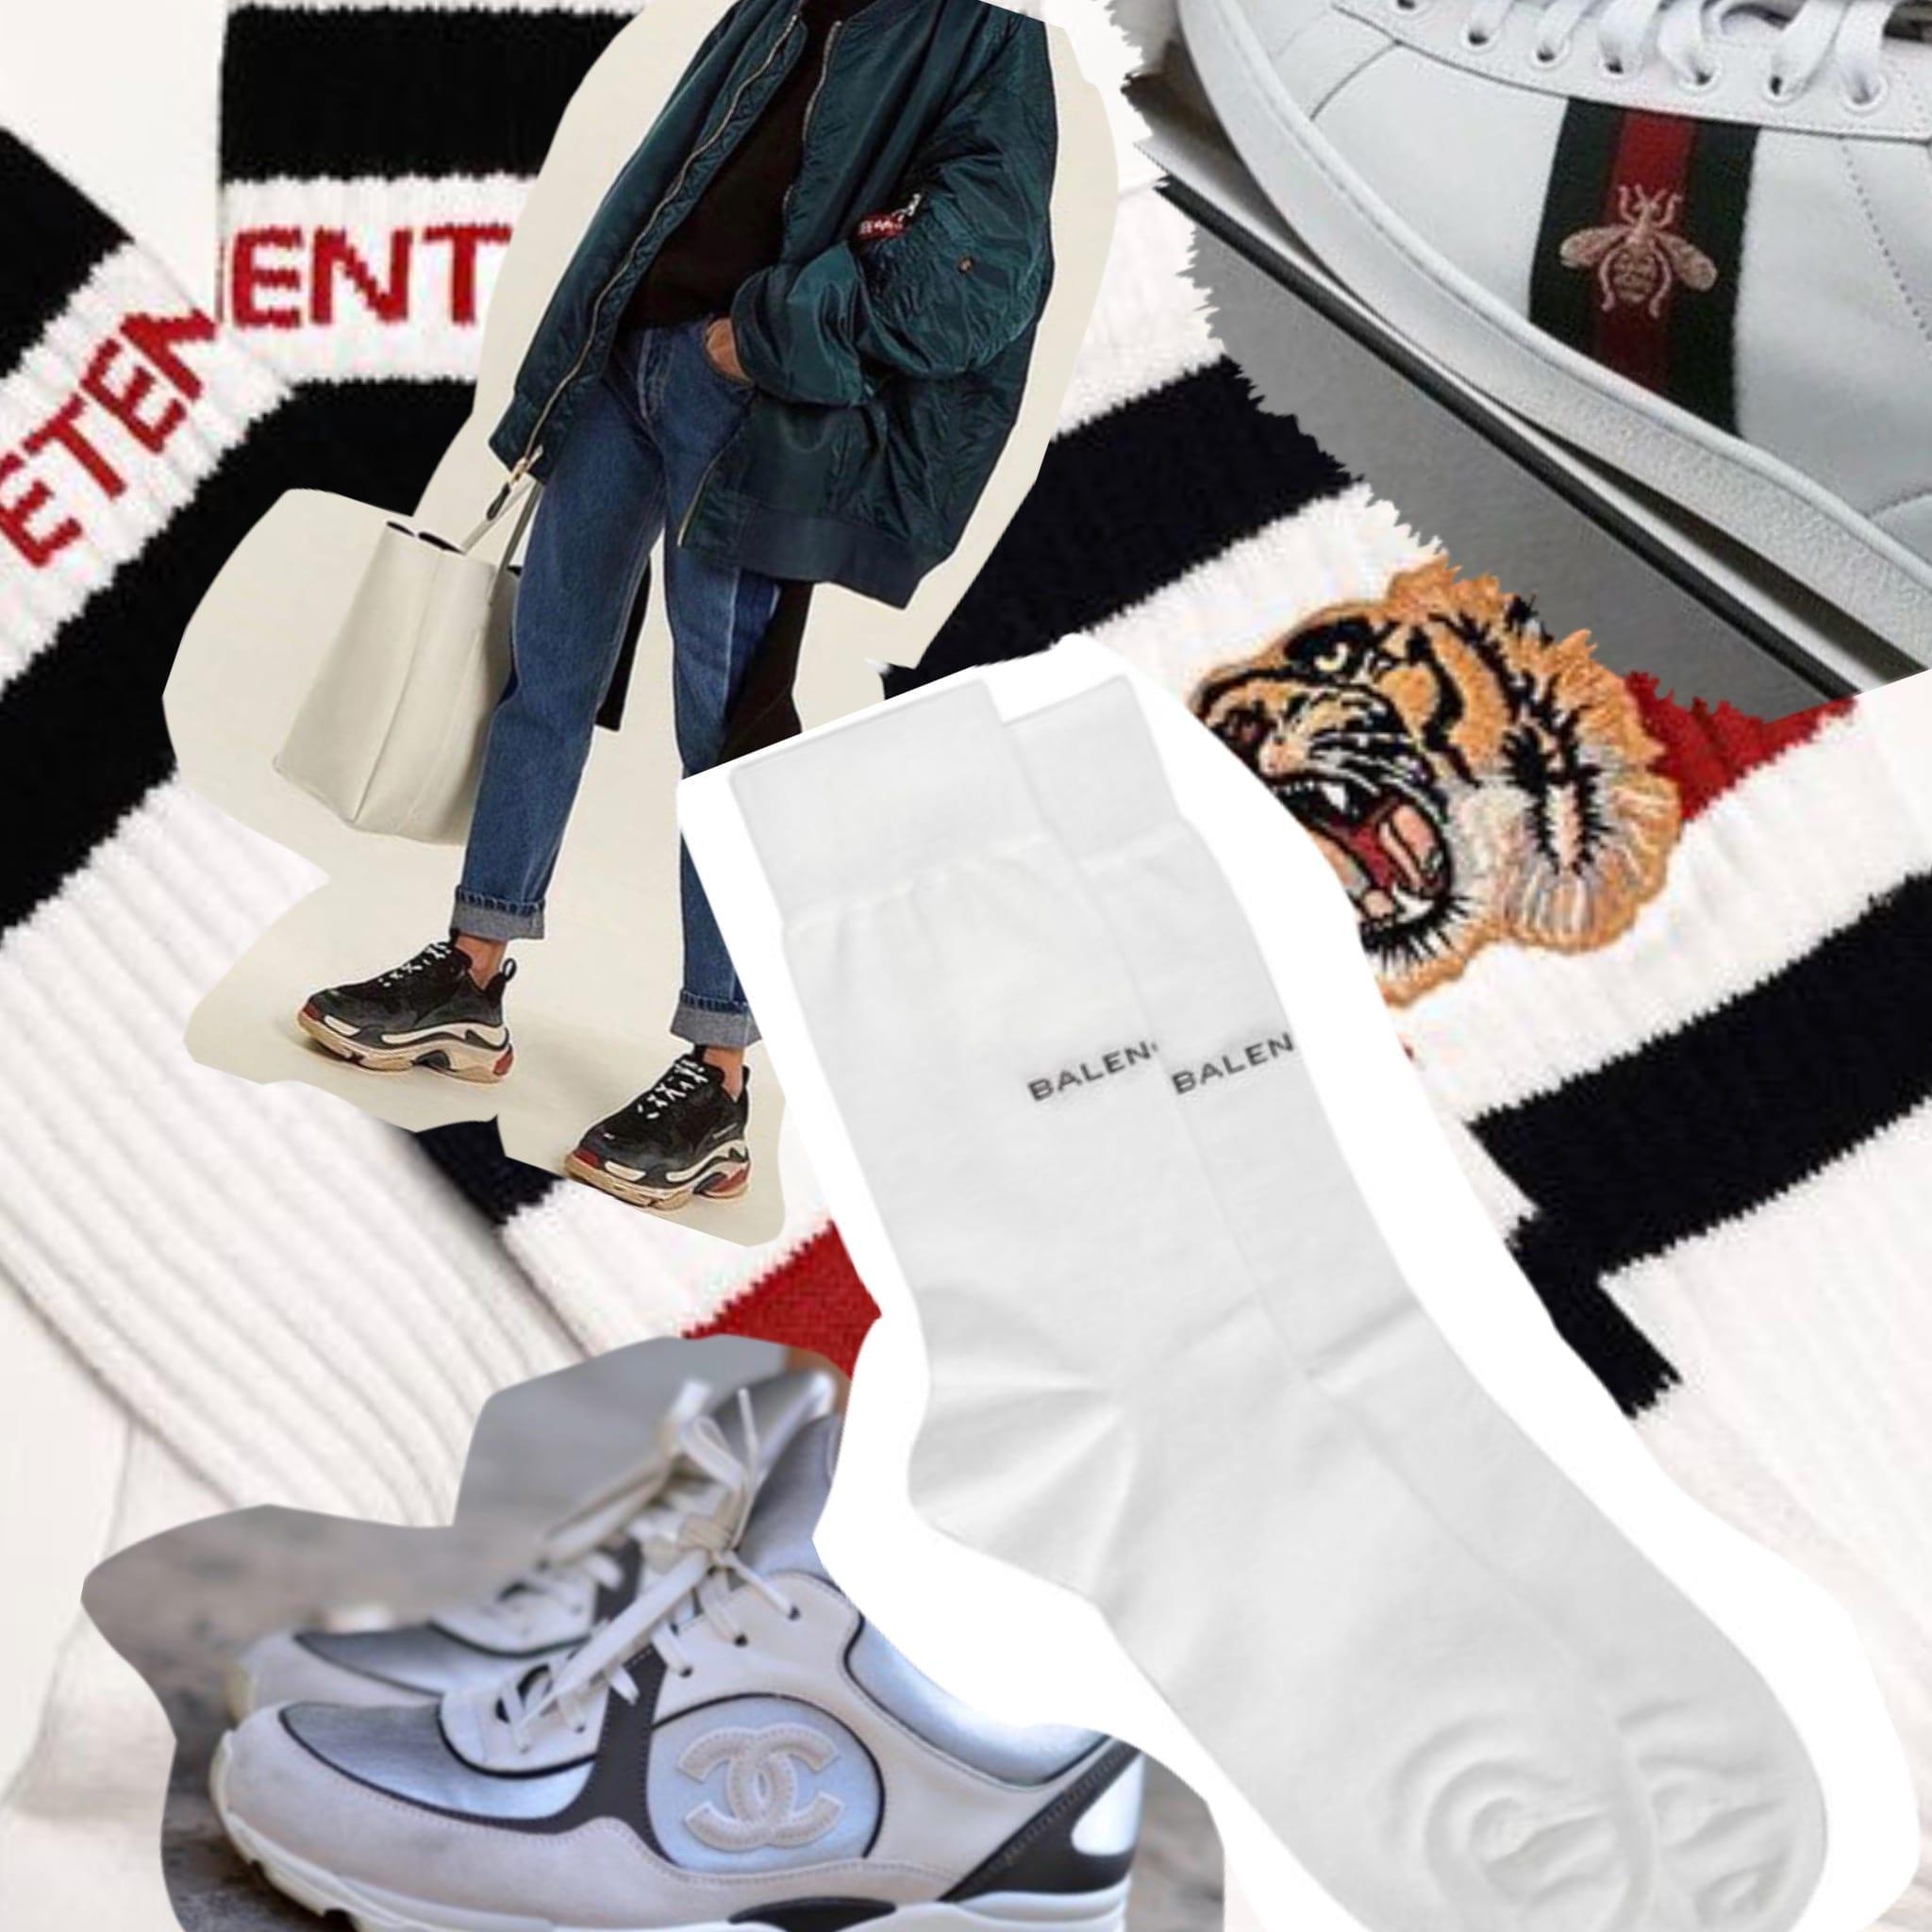 cosa si vende di più nella moda di lusso 2017, cosa si vende di più moda, calzini vetements, scarpe ginnastica gucci, sneaker chanel